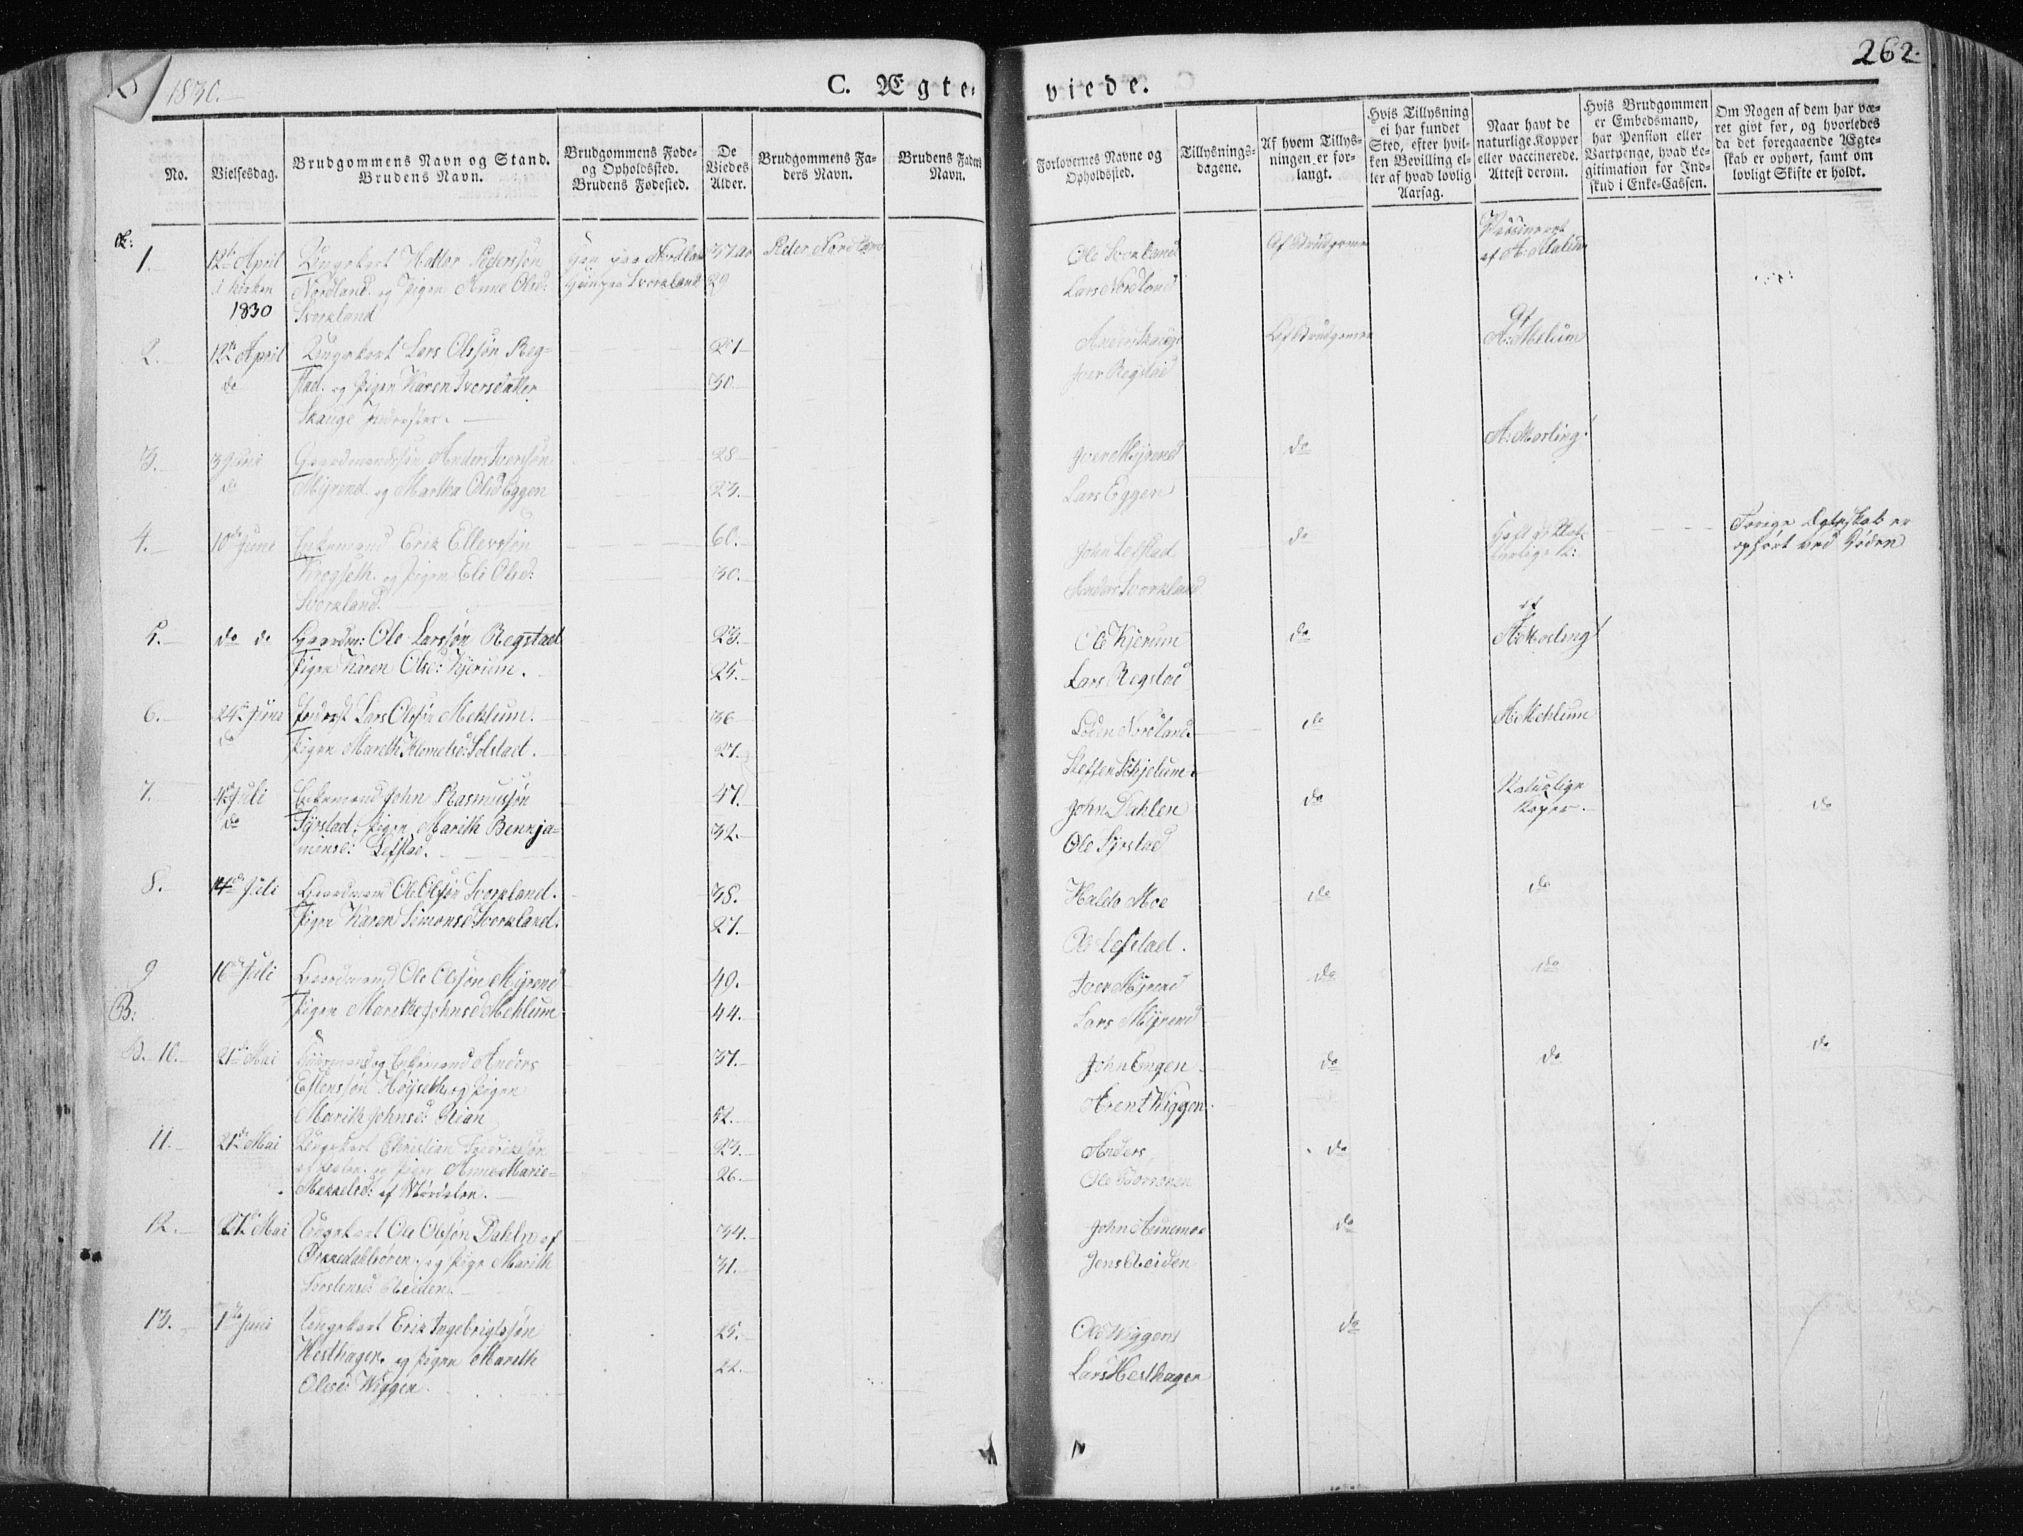 SAT, Ministerialprotokoller, klokkerbøker og fødselsregistre - Sør-Trøndelag, 665/L0771: Ministerialbok nr. 665A06, 1830-1856, s. 262